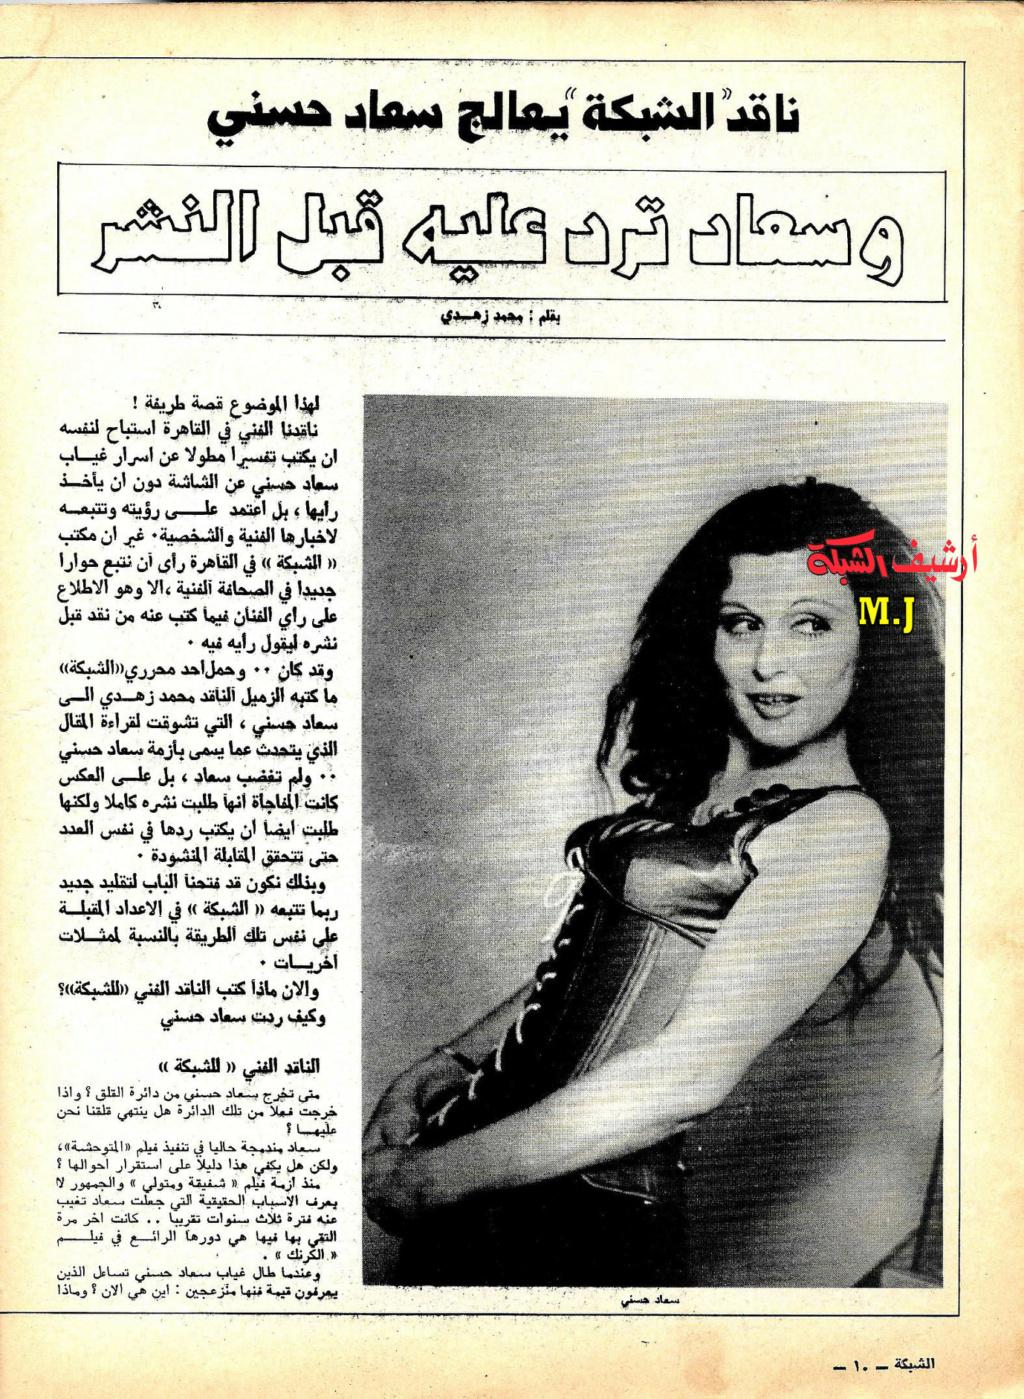 حوار صحفي : ناقد الشبكة يعالج سعاد حسني .. وسعاد ترد عليه قبل النشر 1978 م 110